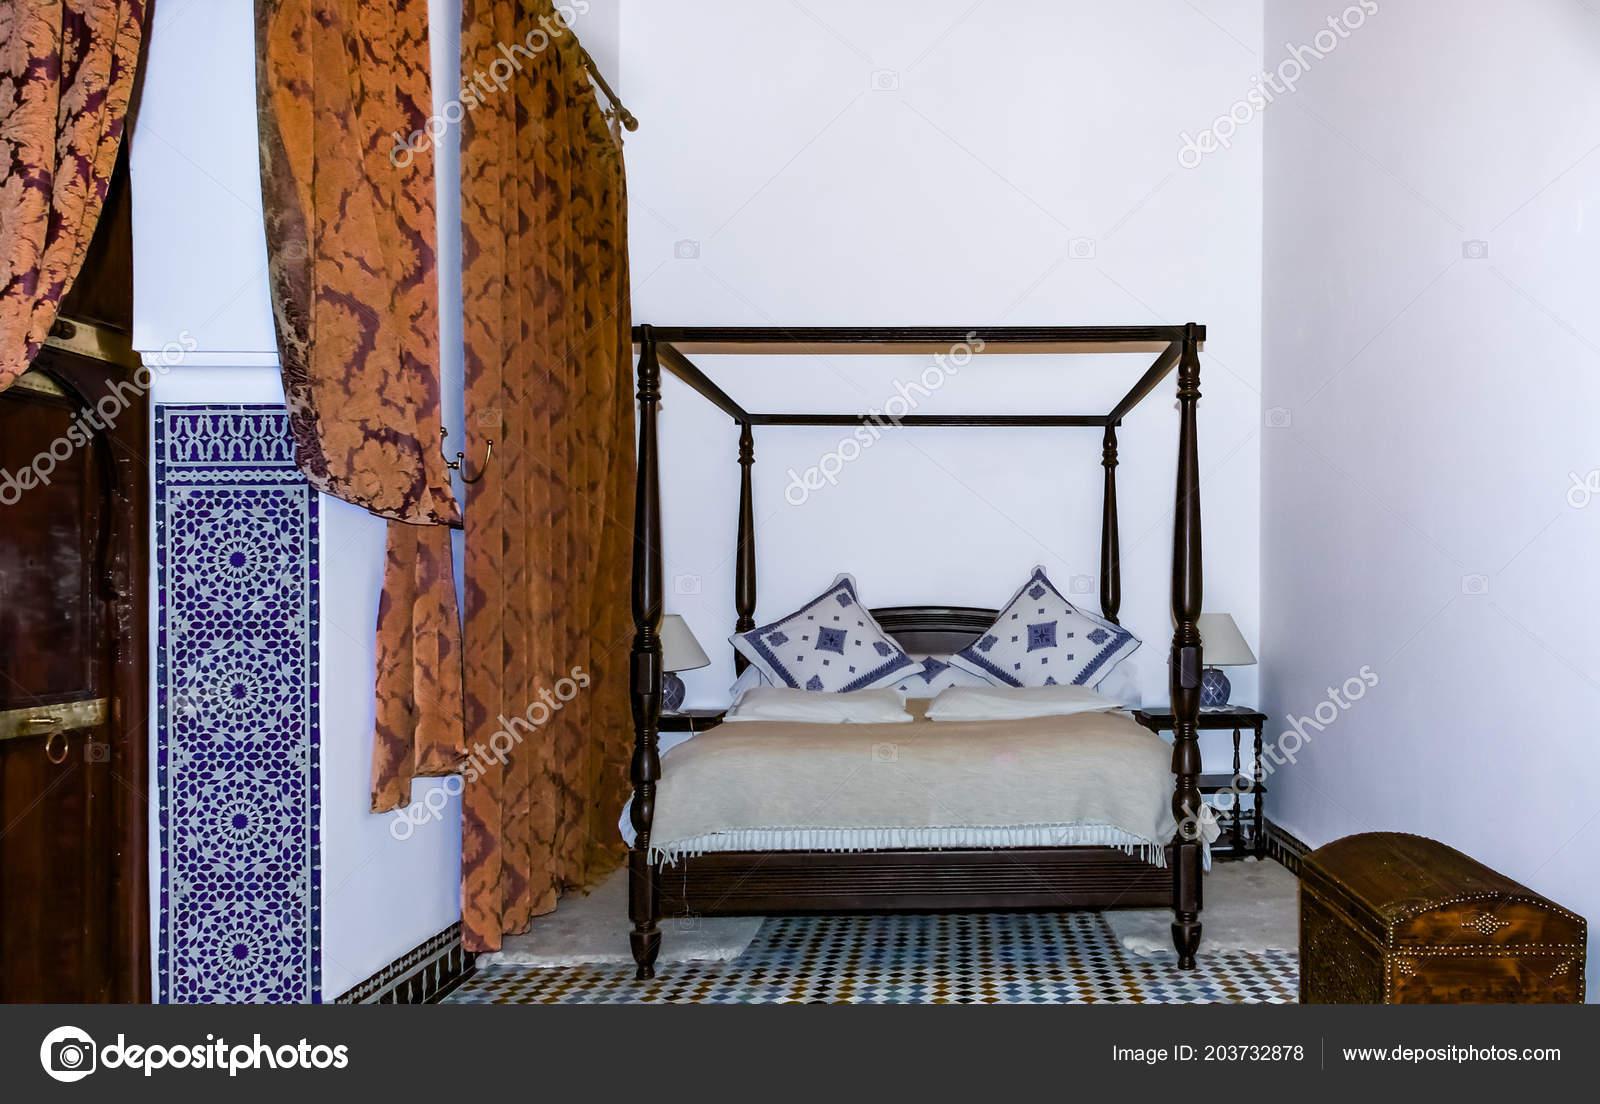 Camere Da Letto Marocco : Camera letto tradizionale marocchina con letto baldacchino mosaico